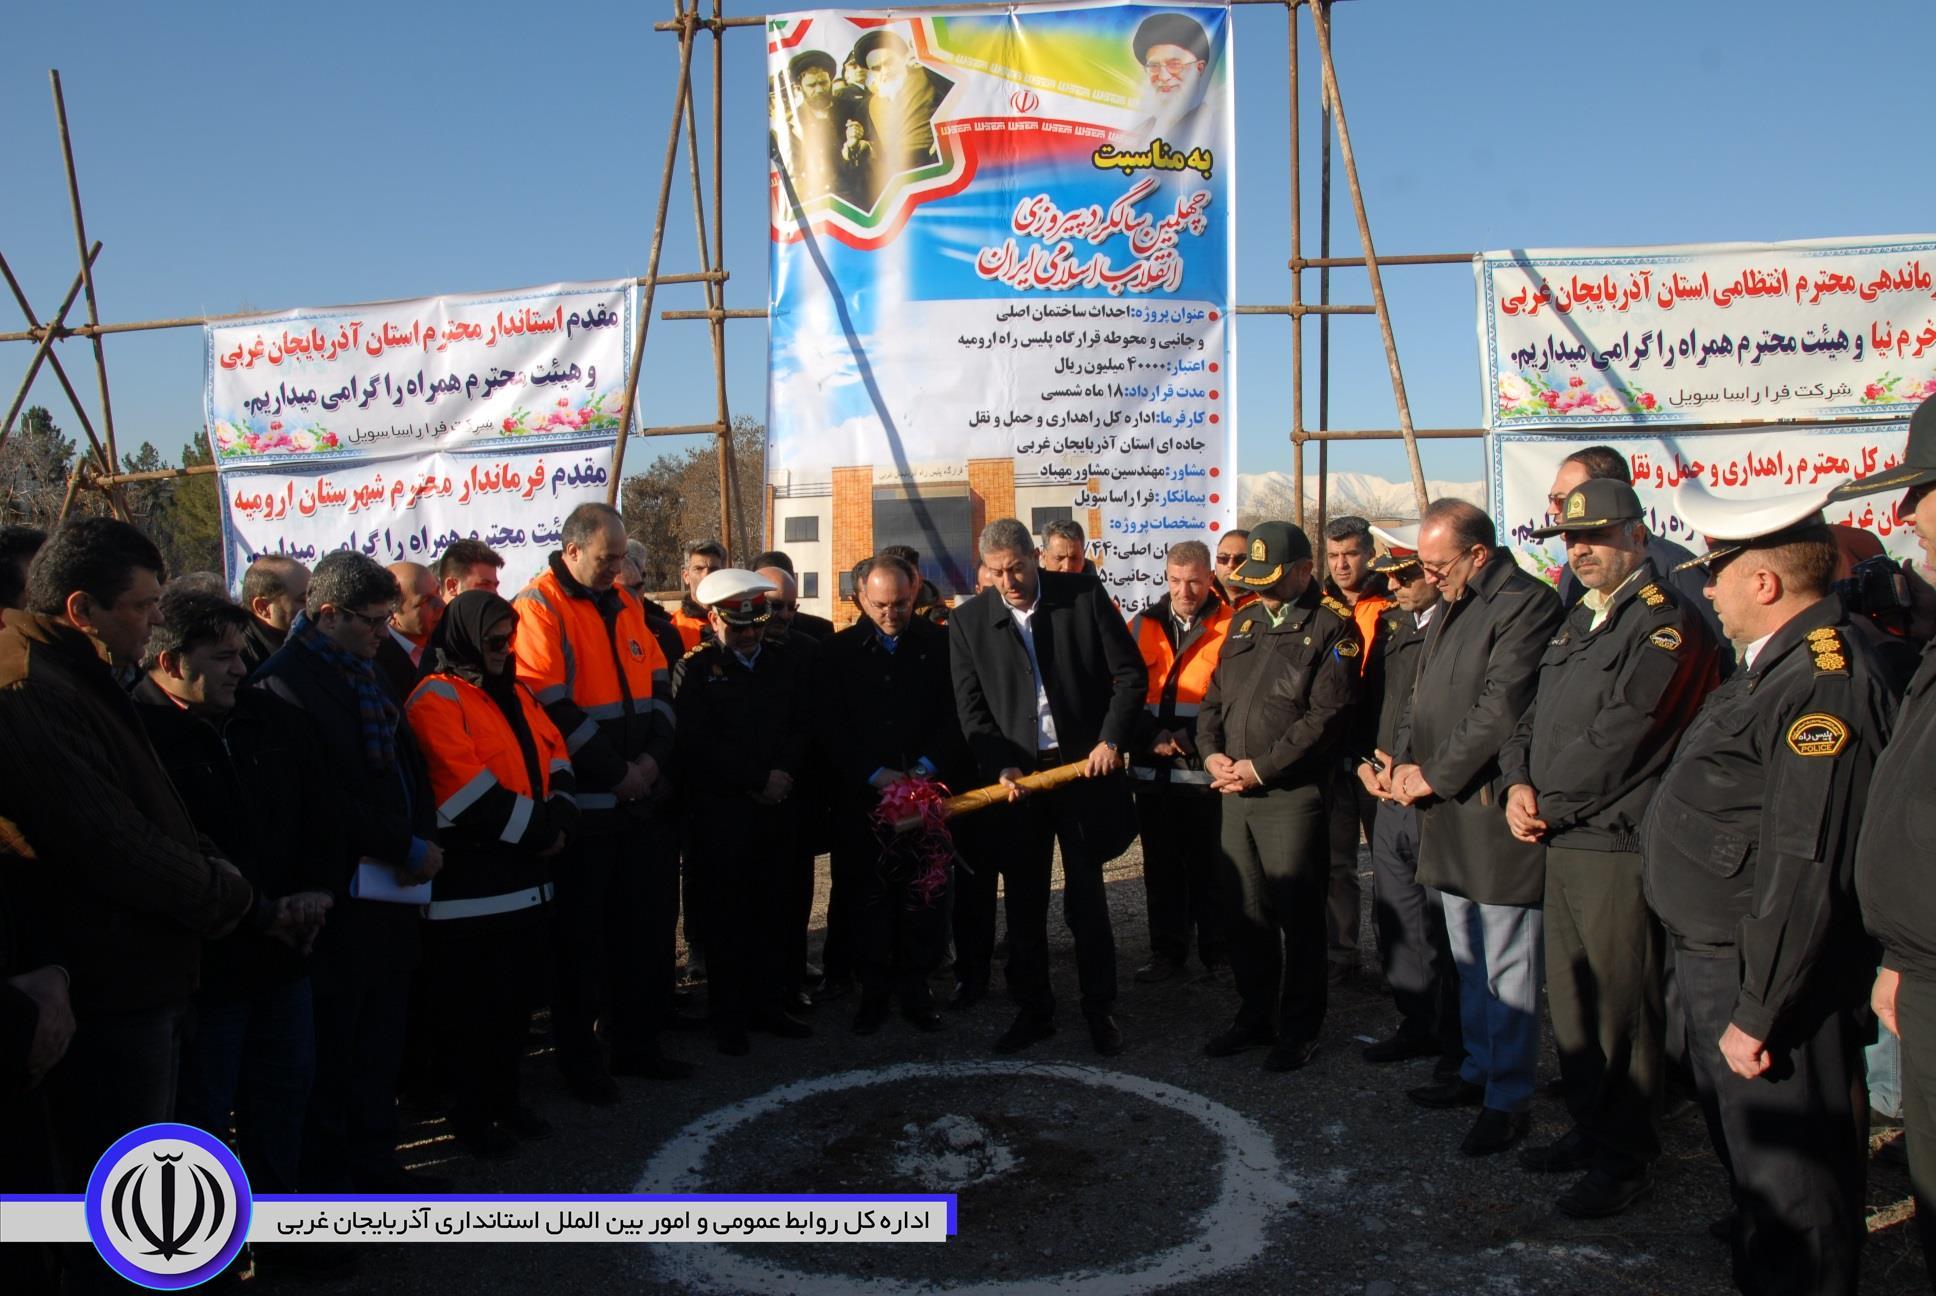 آغازعملیات ساخت ساختمان قرارگاه مرکزی پلیس راه استان در ارومیه